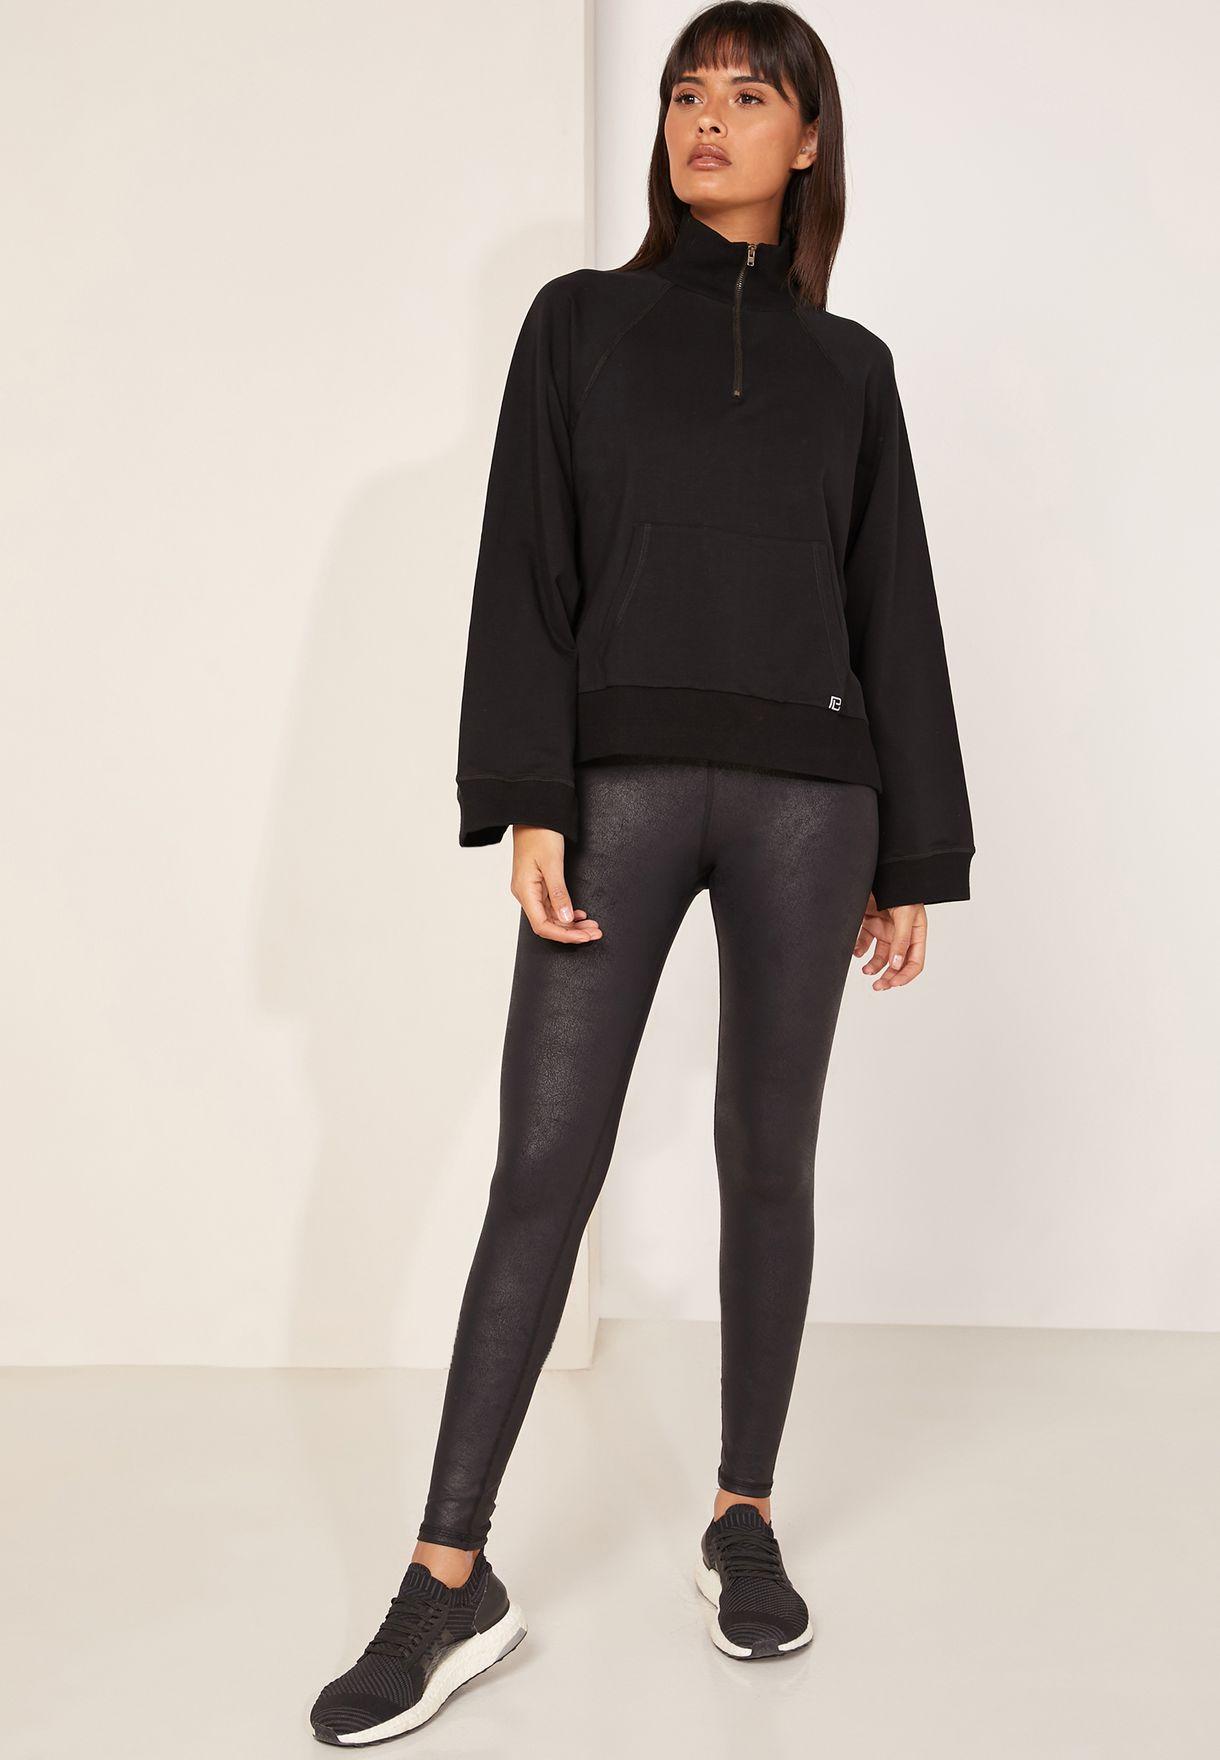 Bex Sweatshirt